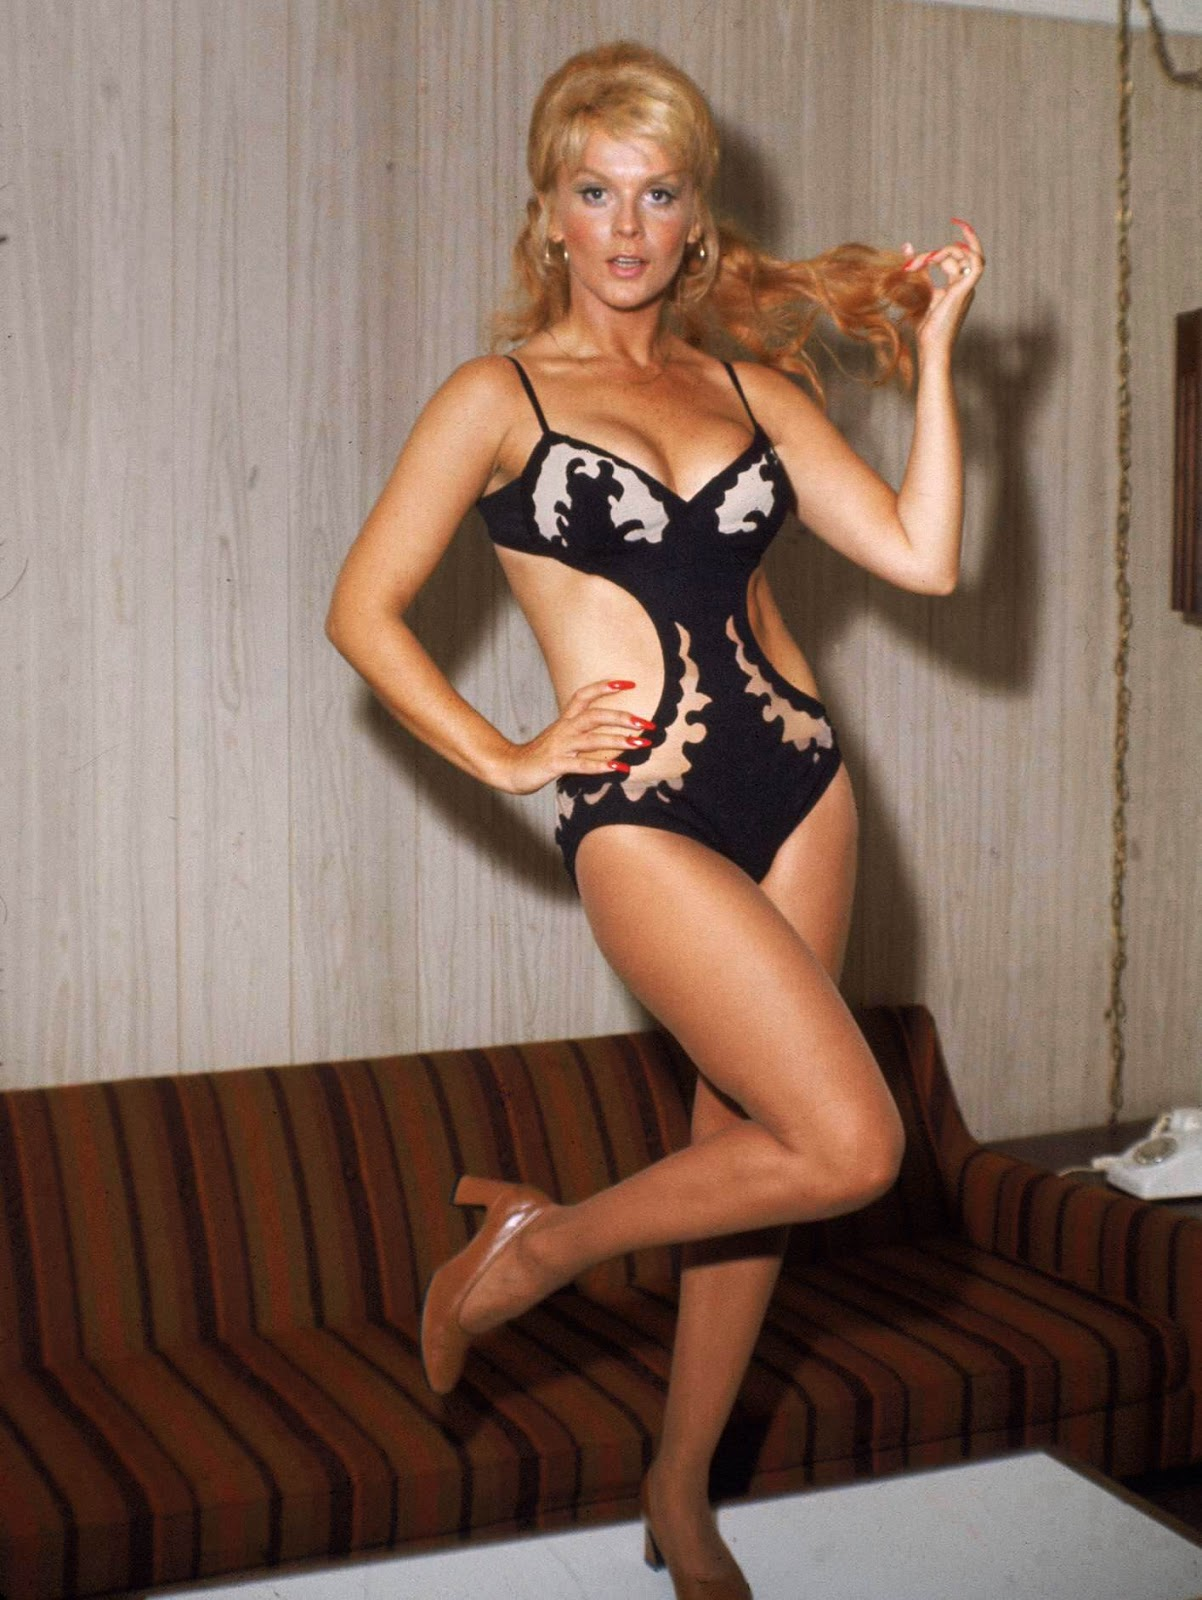 Ann margret bikini how